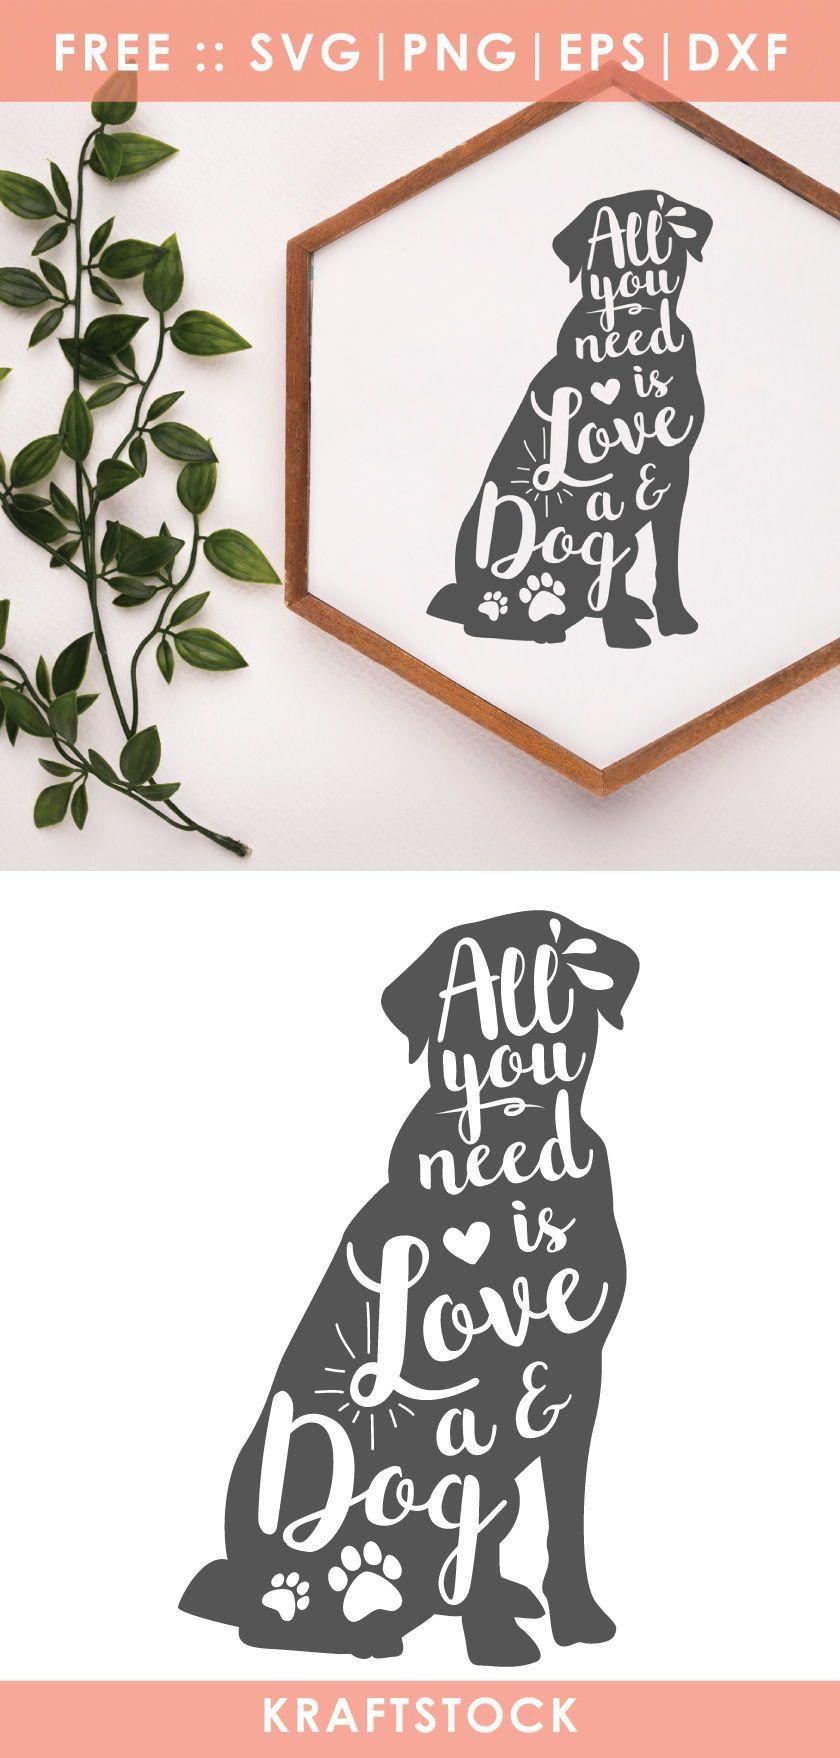 Download Svg Lab Labrador Dog Breed Svg Bundle Printable Or Cut Files Svg Dxf Eps Png Pdf Gift For Dog Breed Lab Labrador Lover DXF